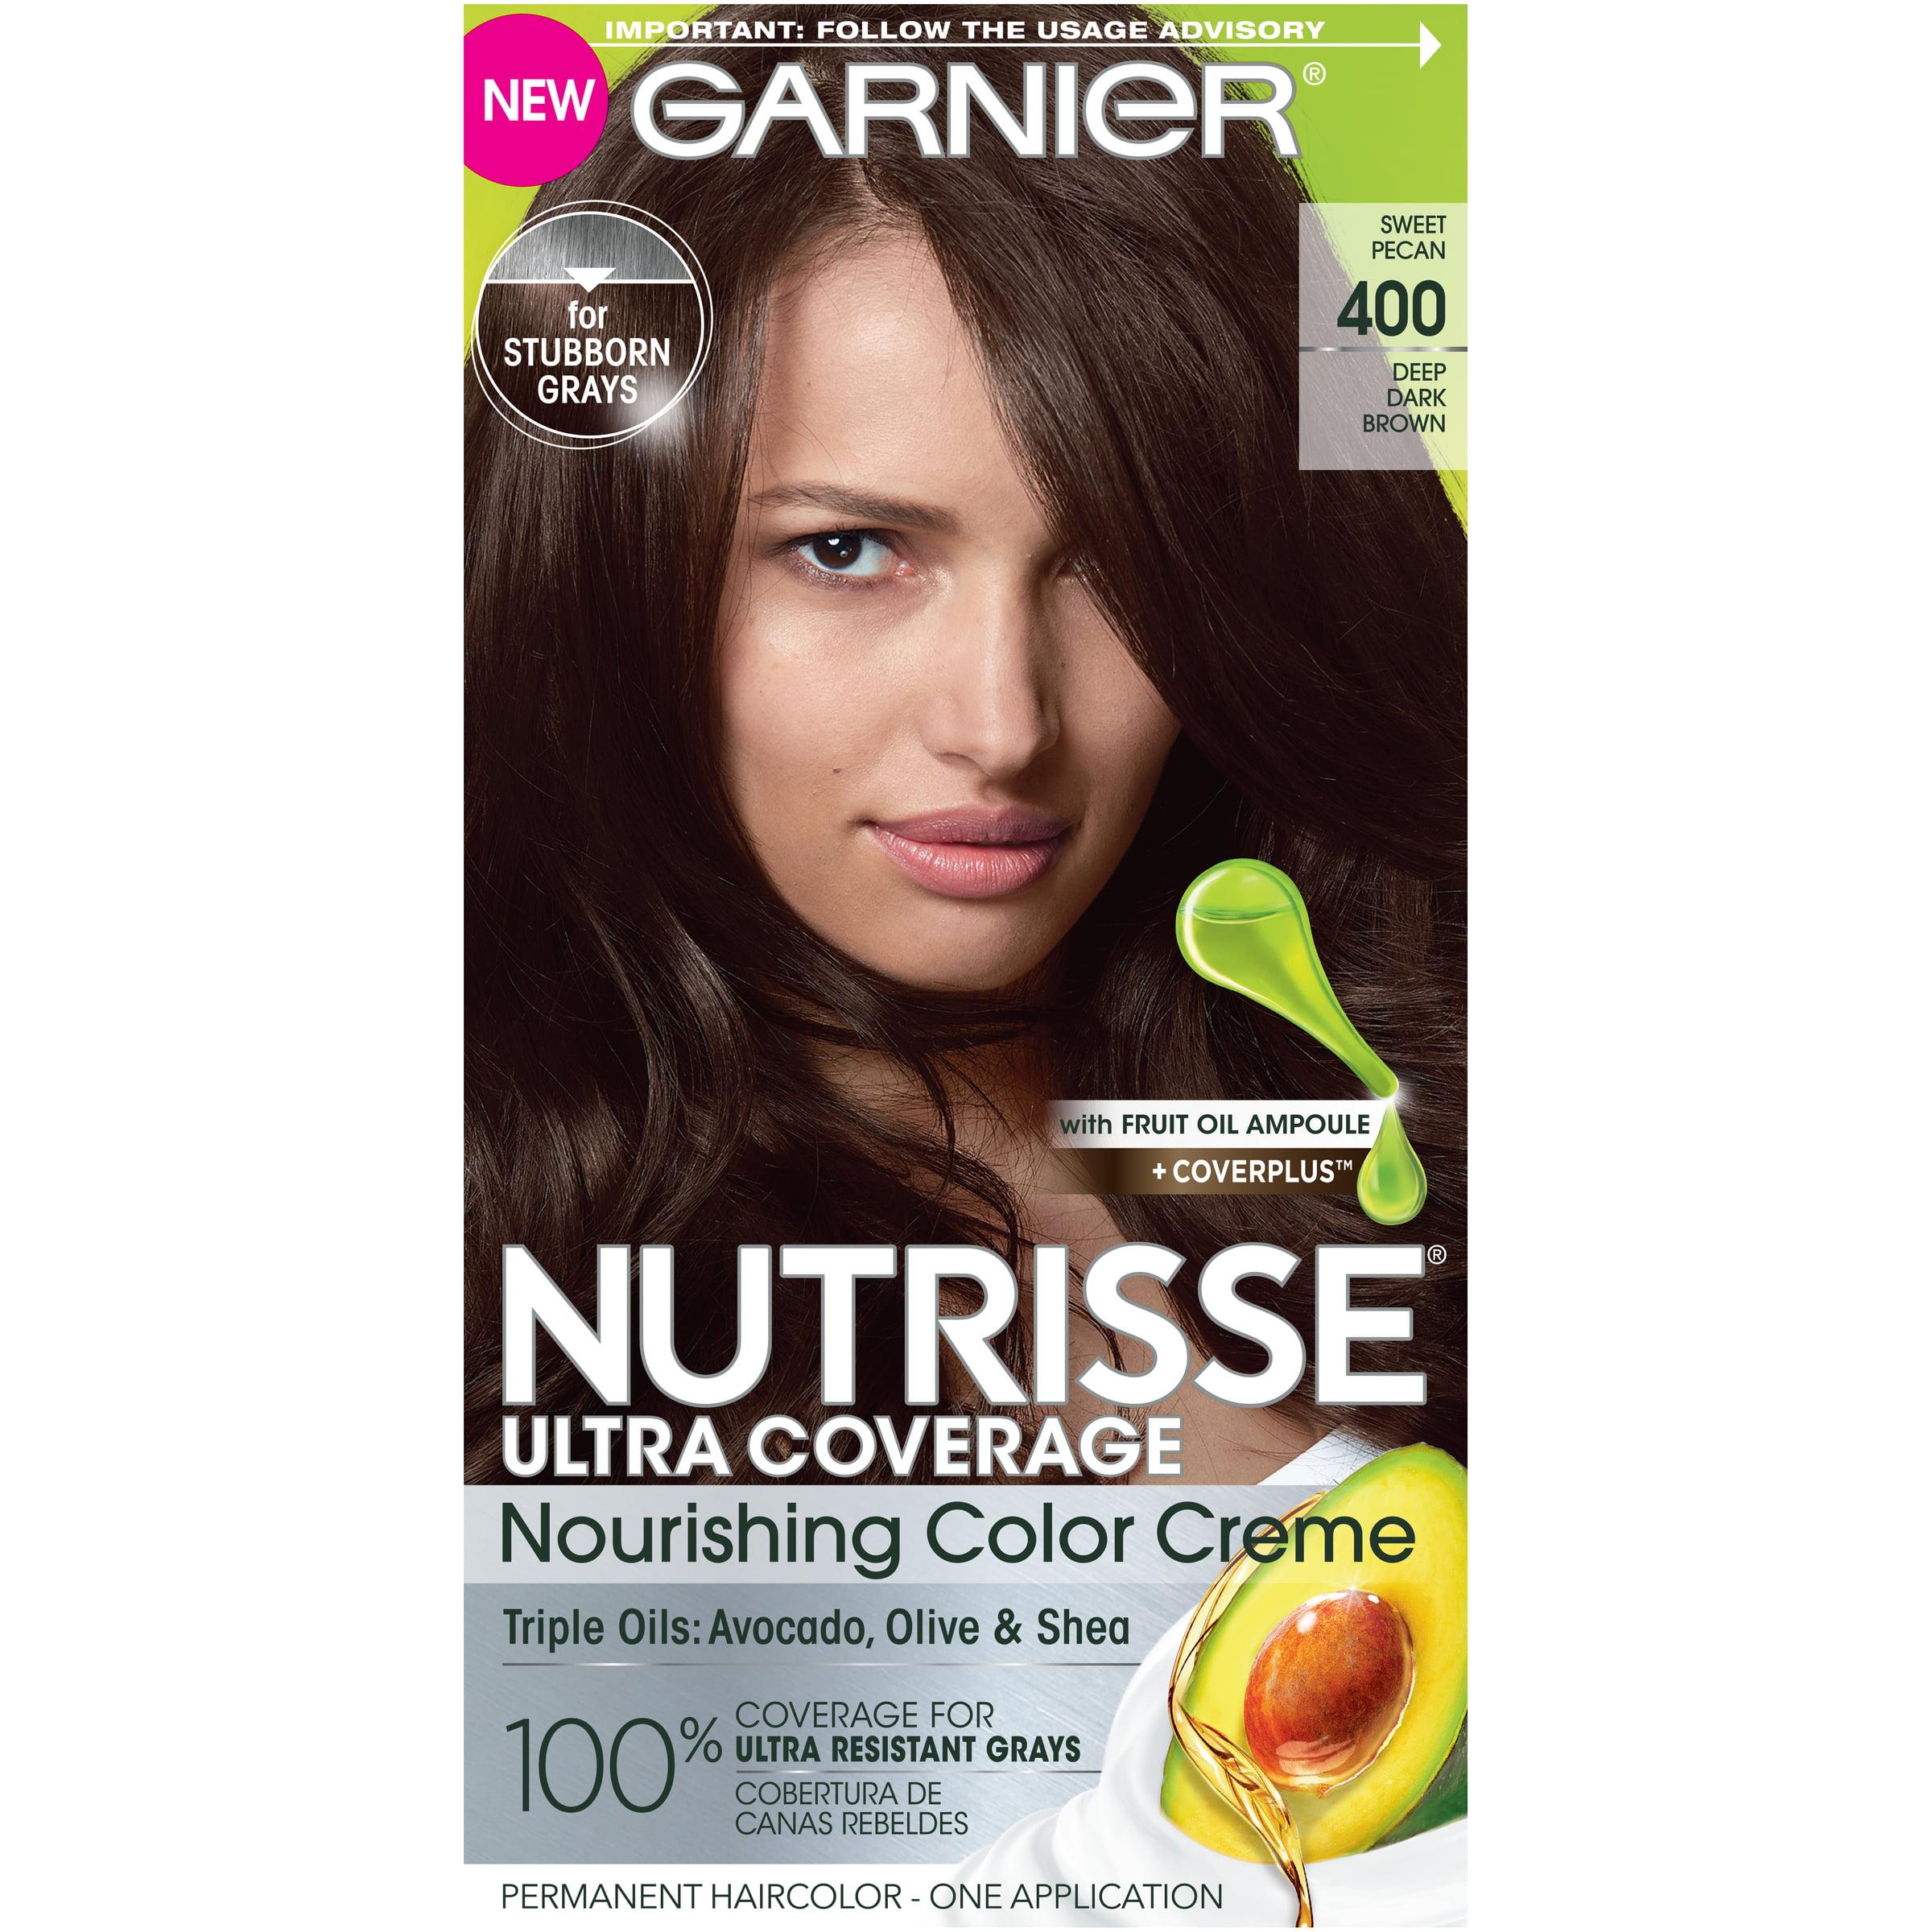 Garnier Nutrisse Ultra Coverage Hair Color